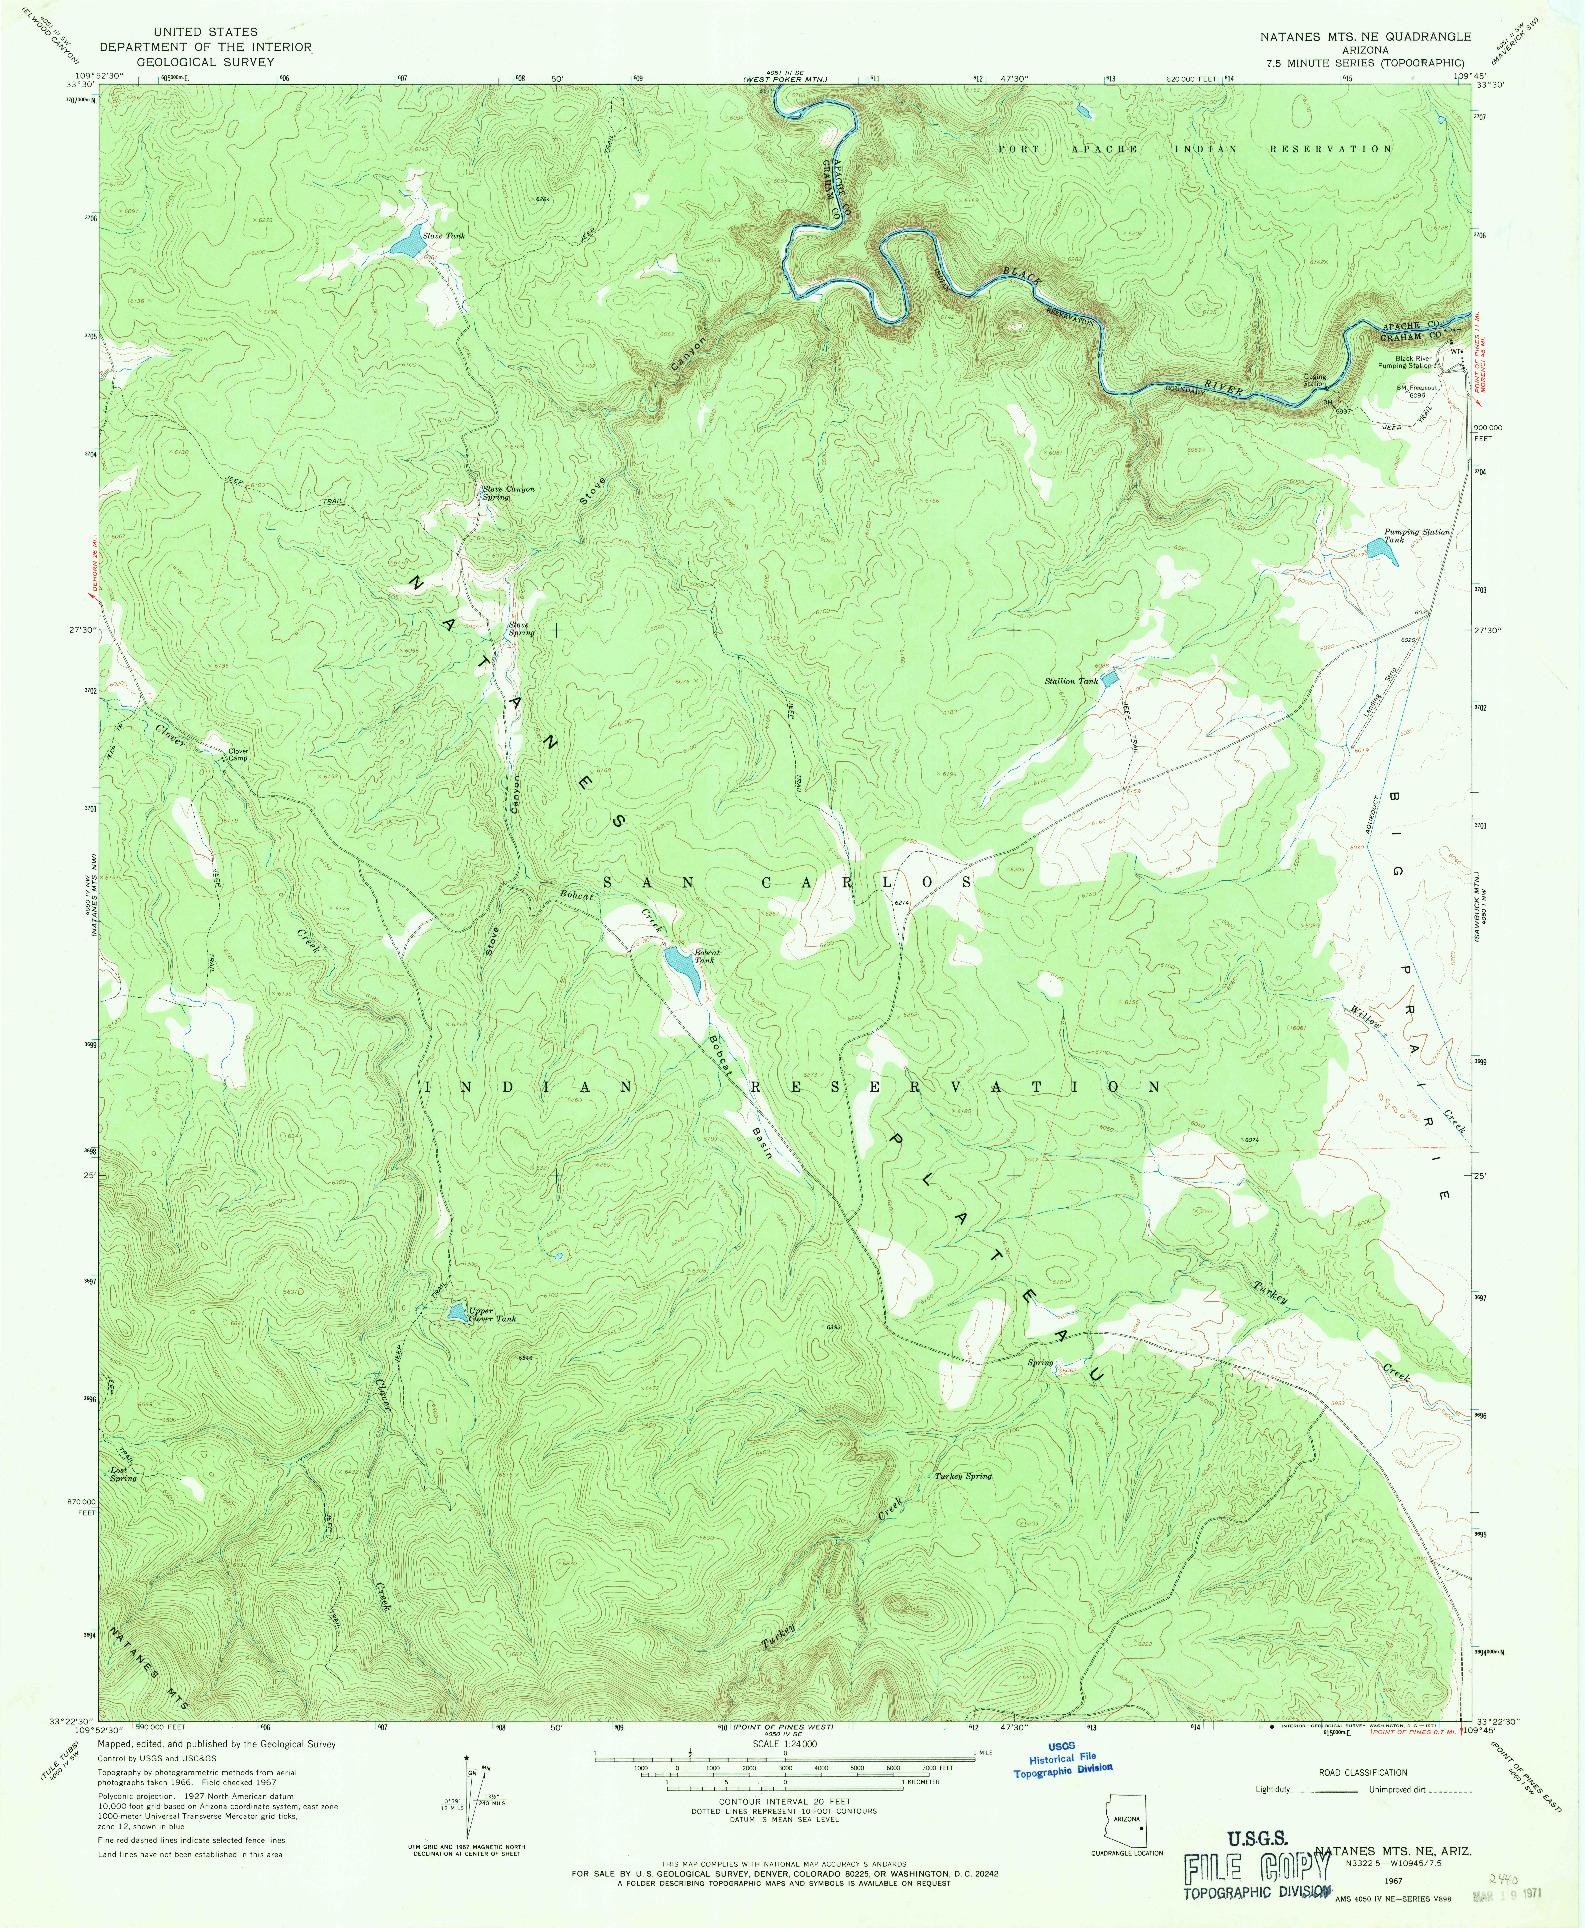 USGS 1:24000-SCALE QUADRANGLE FOR NATANES MTS NE, AZ 1967